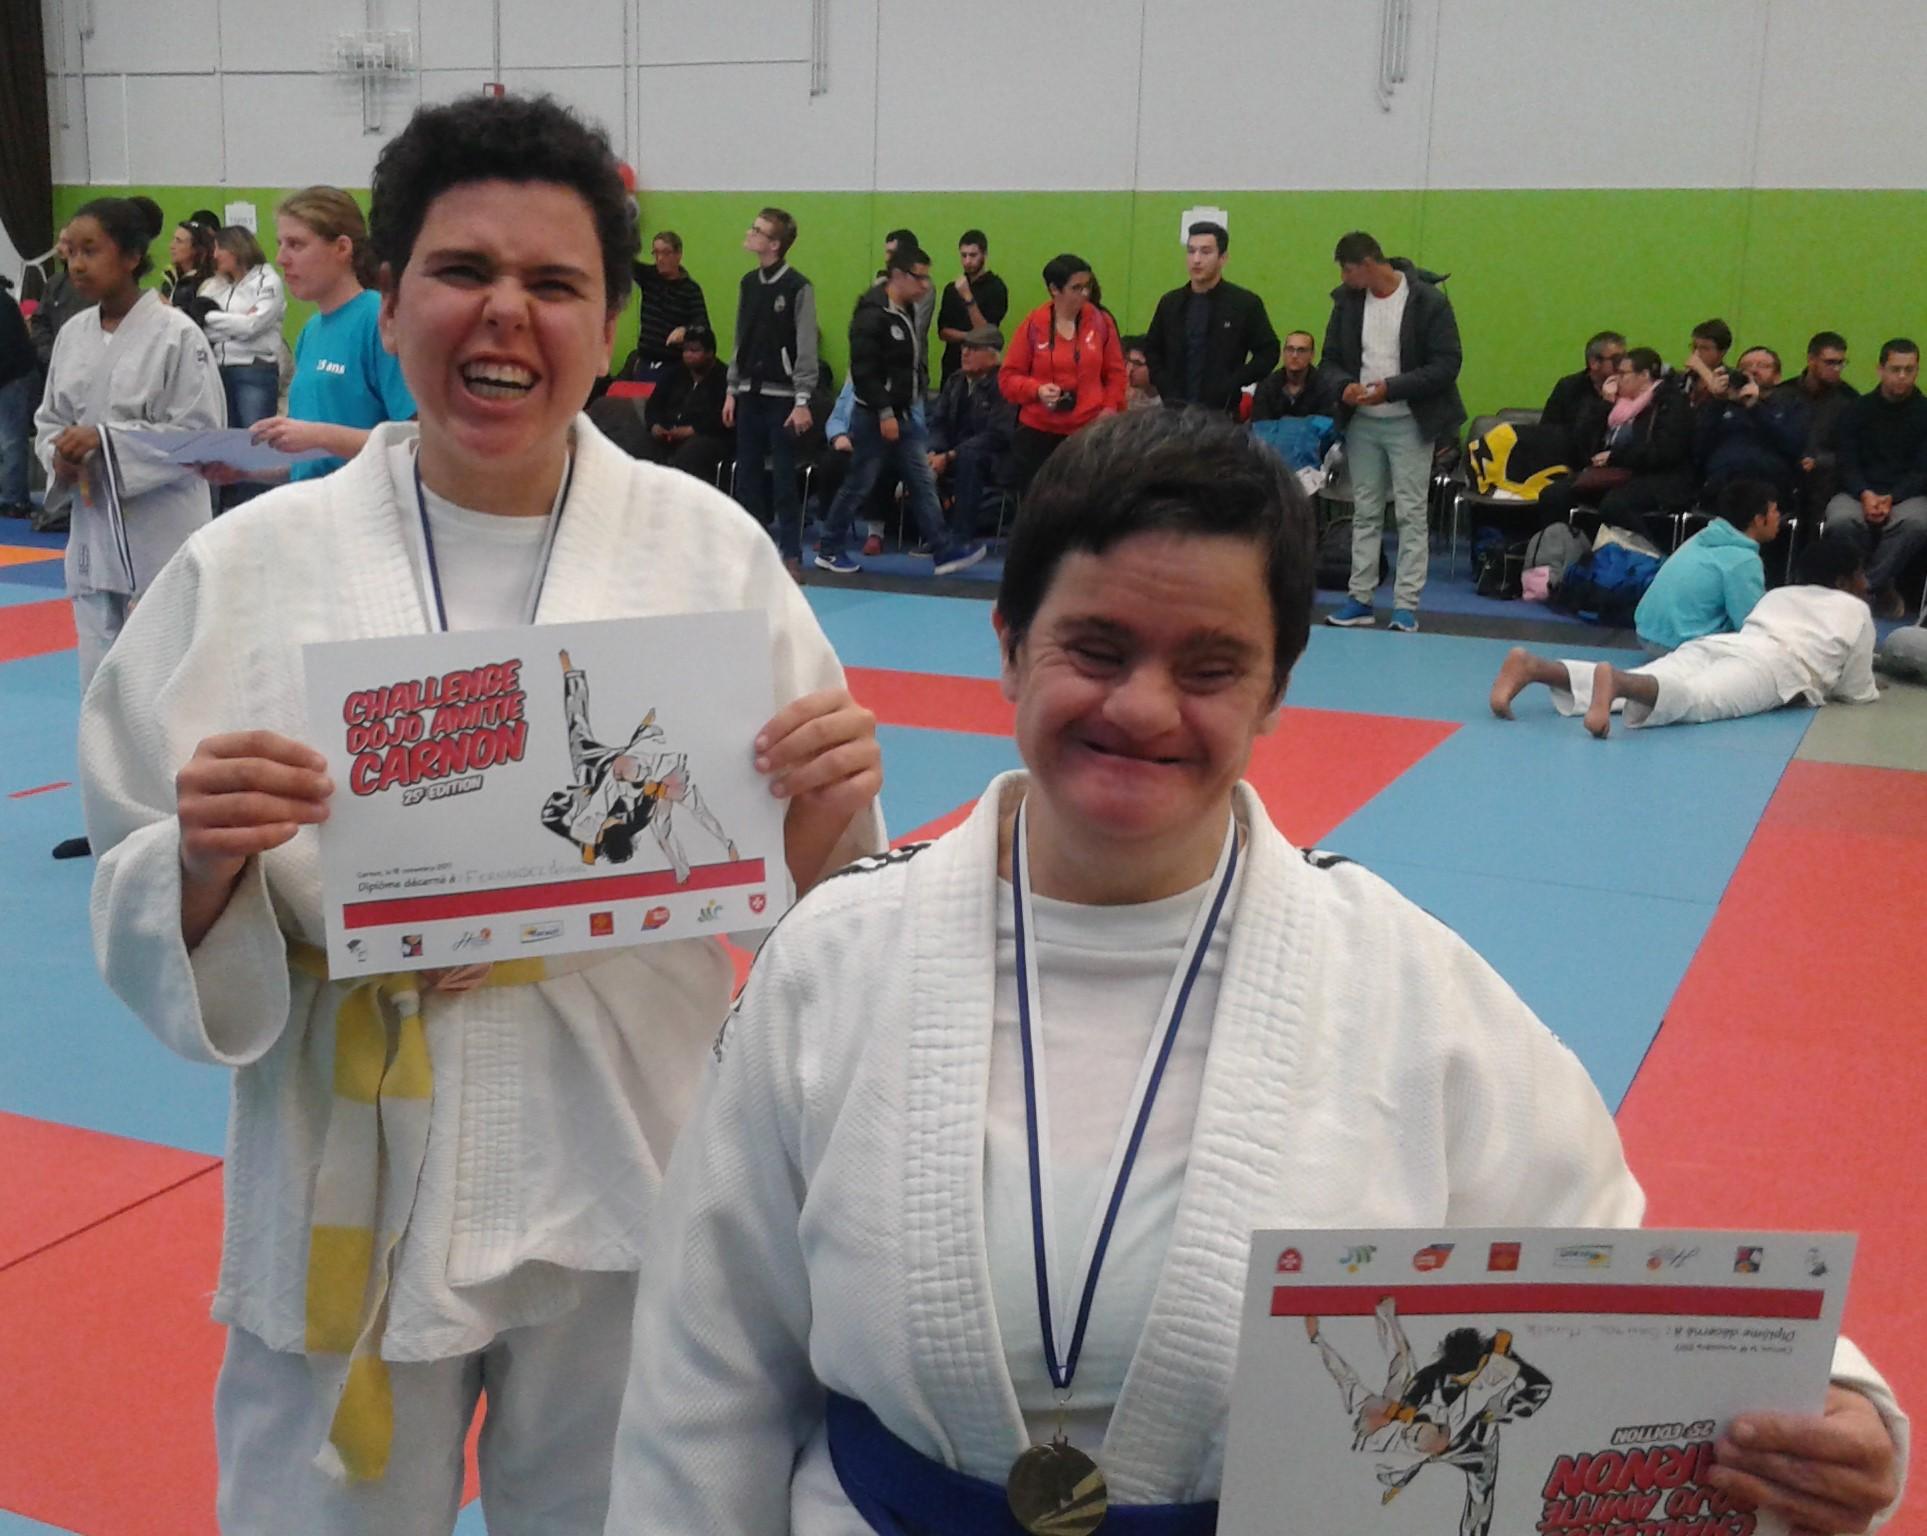 Championnat Interrégional Judo Occitanie,Mumu et Mélissa